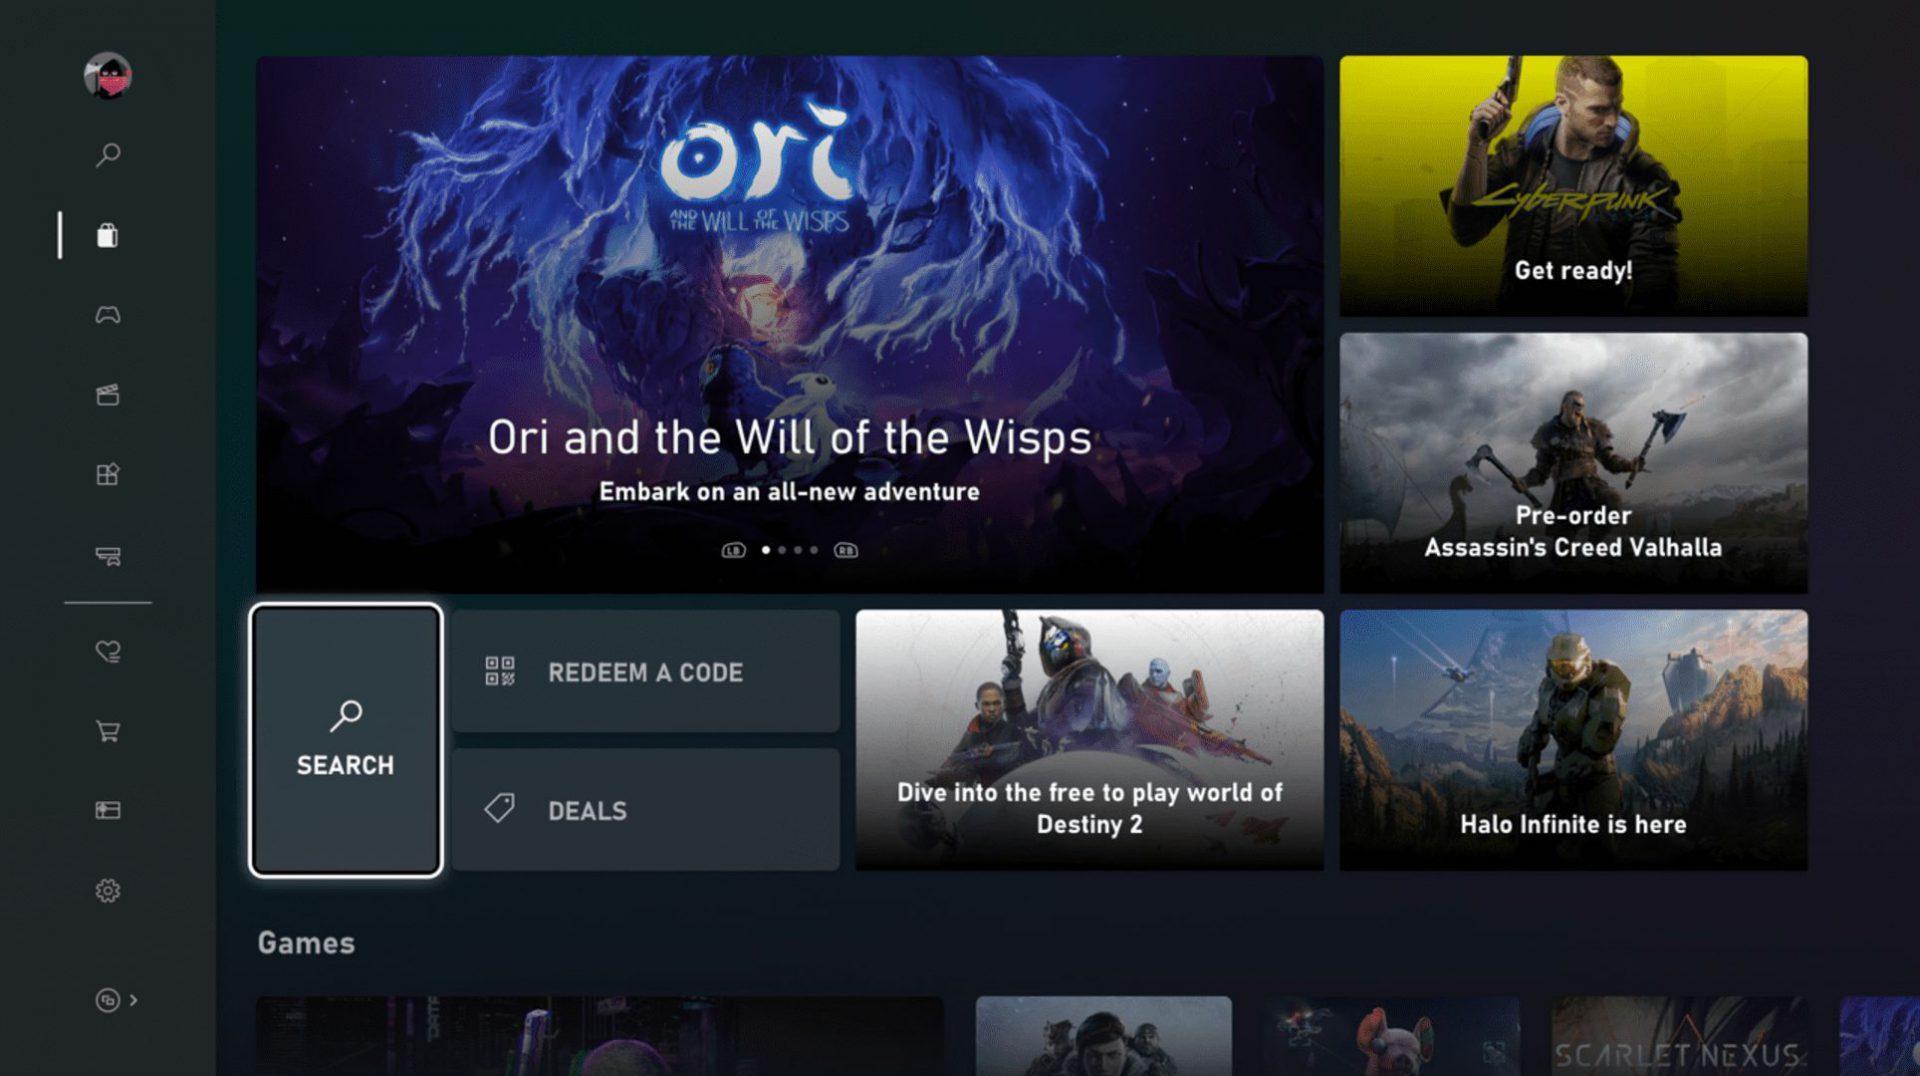 Le Nouveau Microsoft Store De Xbox One Arrive Sur L'anneau